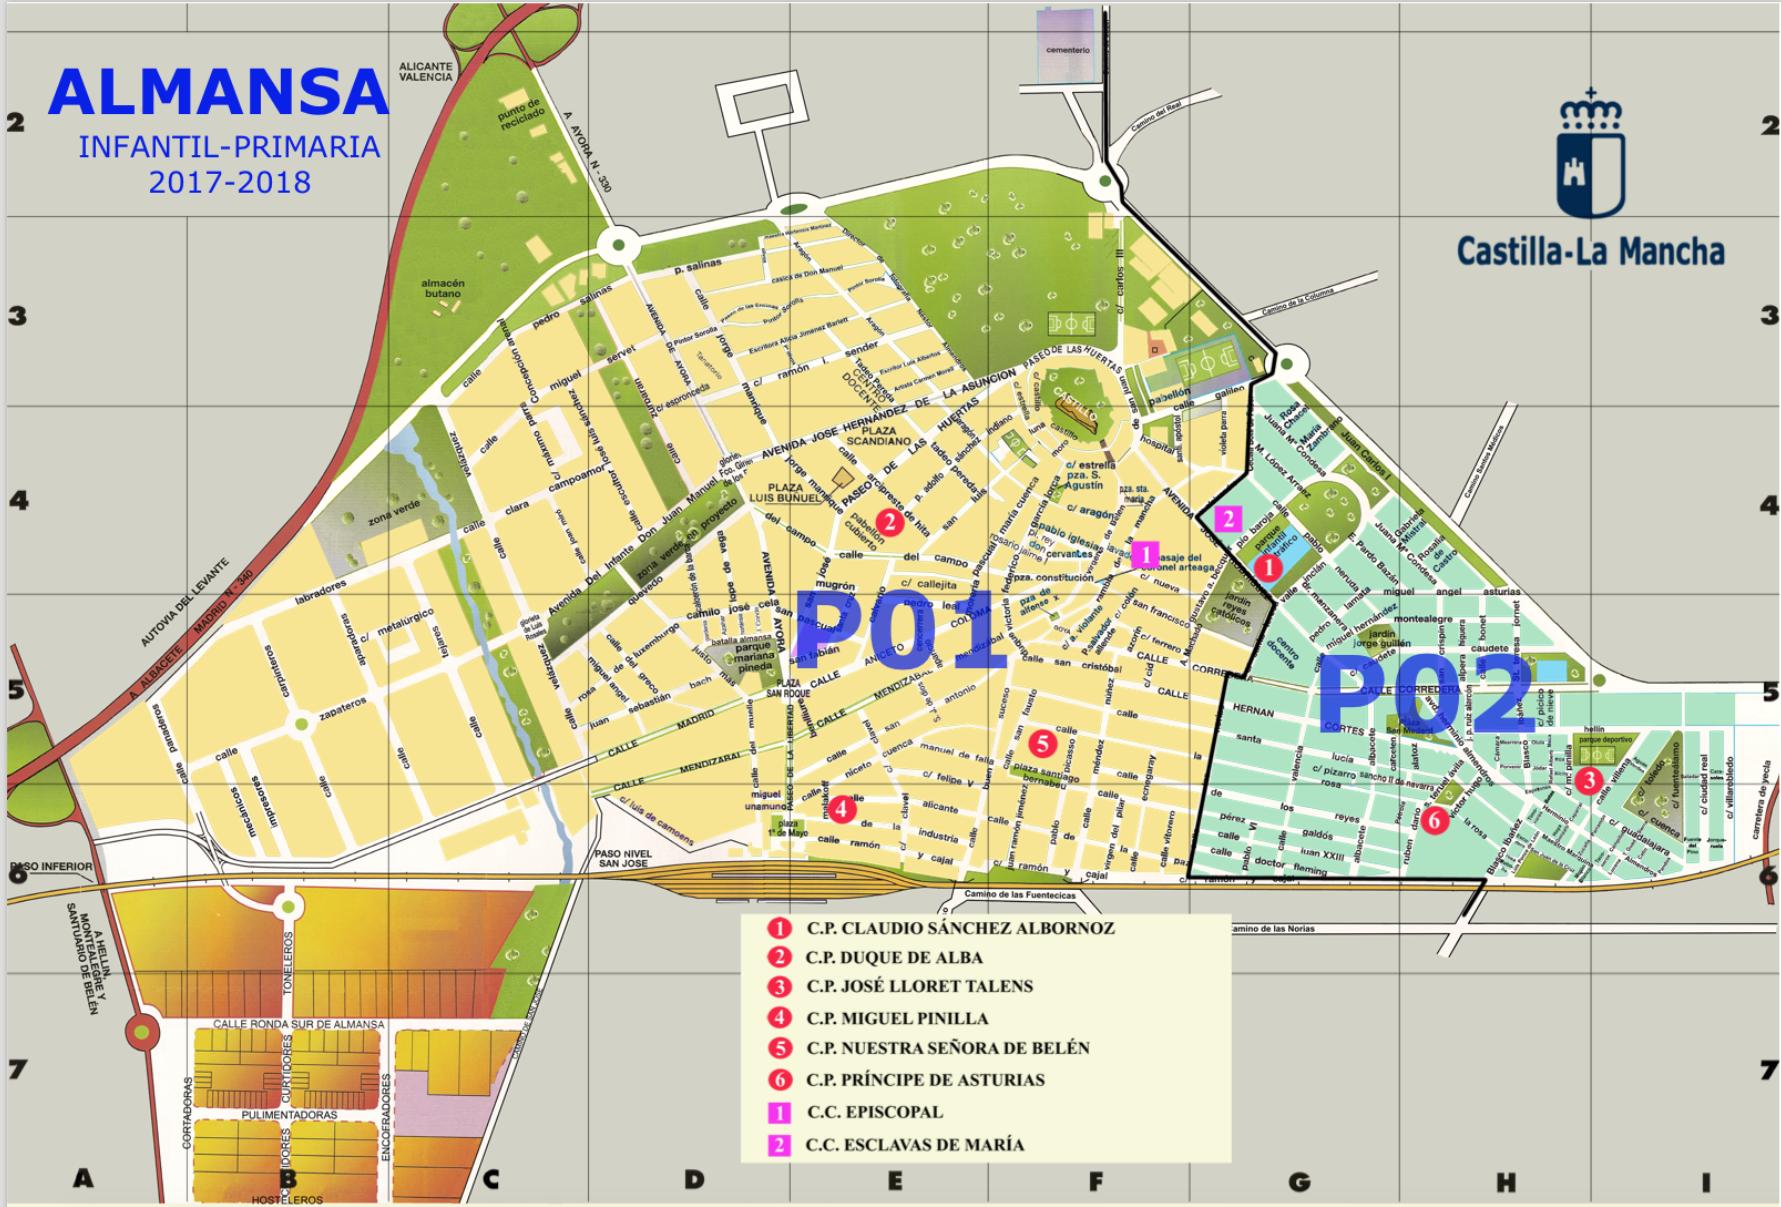 Este es el mapa oficial de las zonas de almansa para - Plano de almansa ...